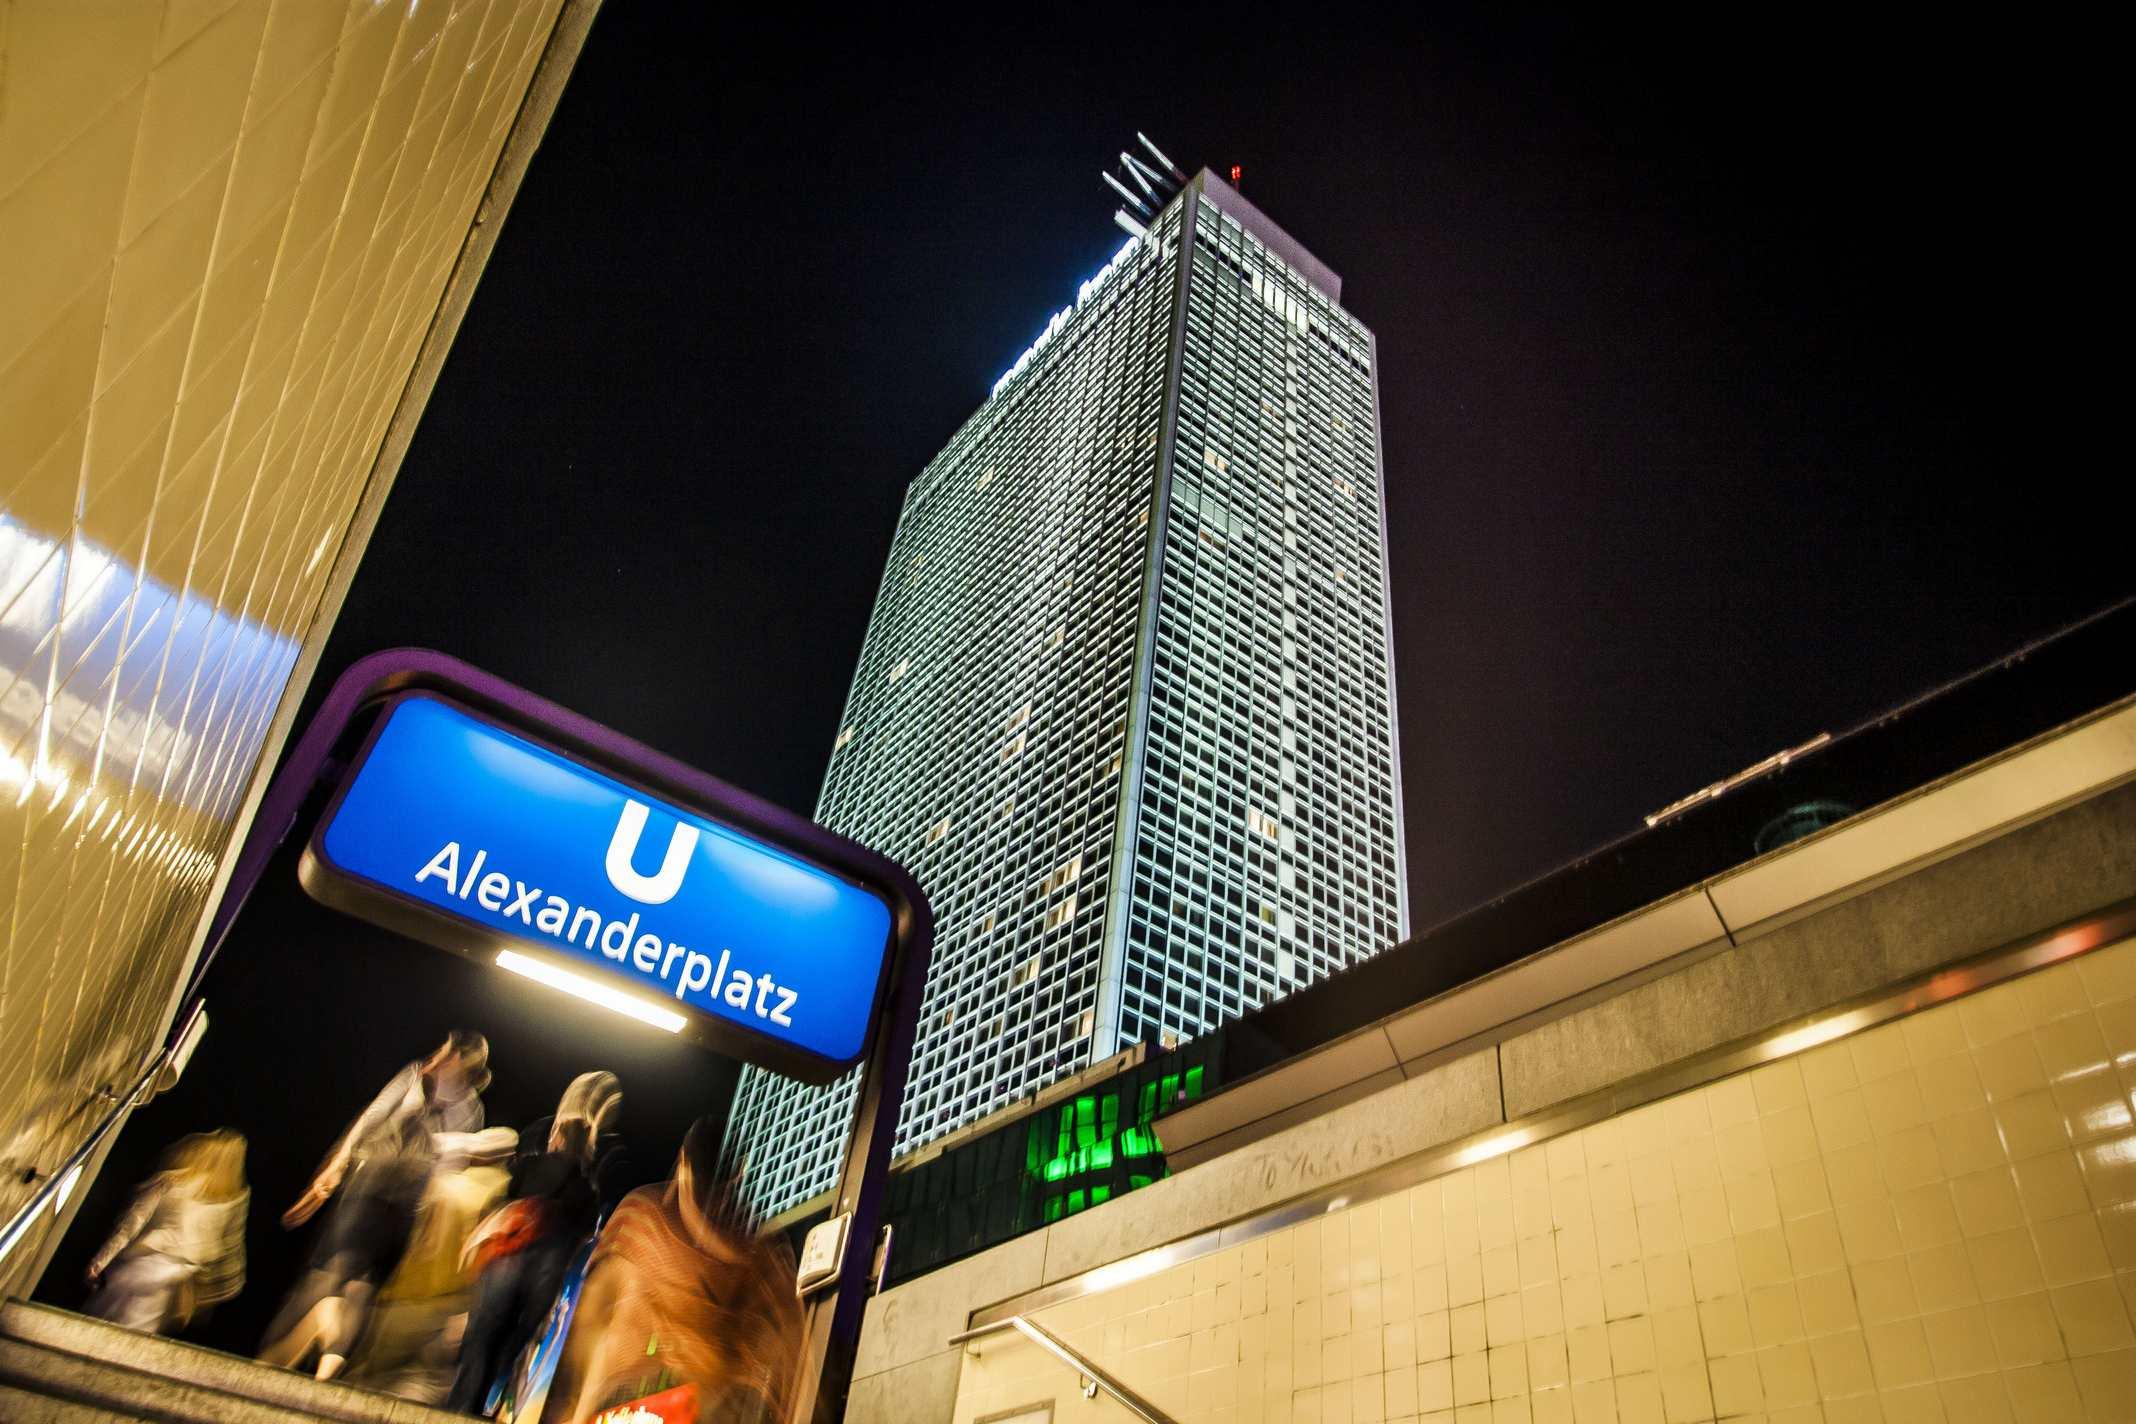 Uscire dalla metro